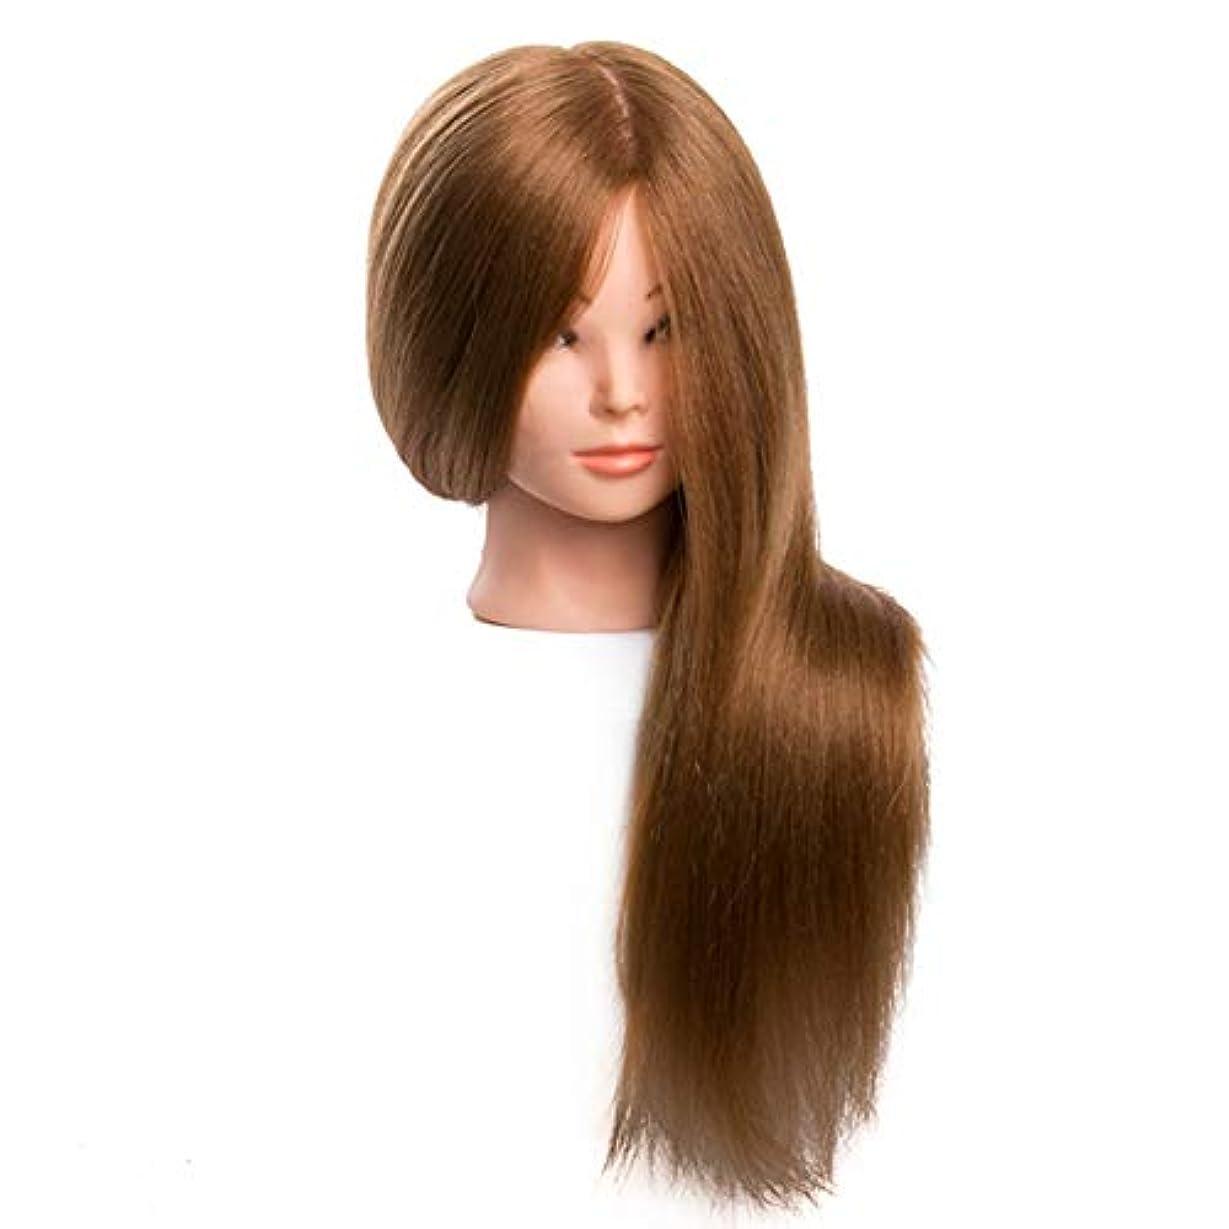 コジオスコ引用普通にサロンエクササイズヘッド金型メイクディスクヘアスタイリング編組ティーチングダミーヘッド理髪ヘアカットトレーニングかつら3個